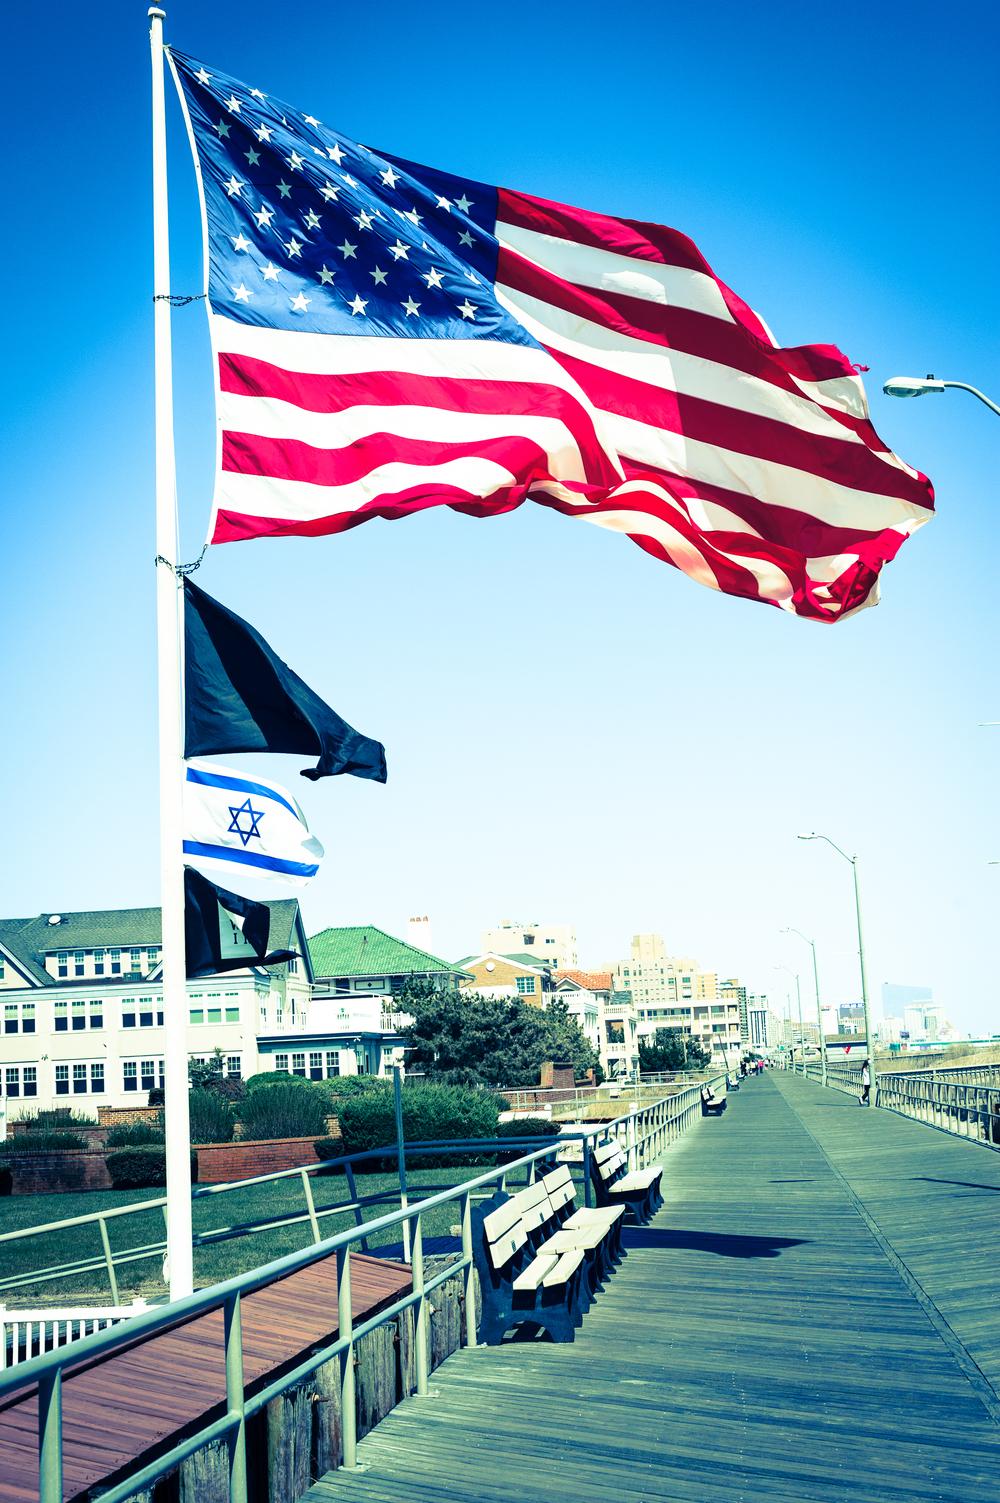 Huge American flag flown every summer.